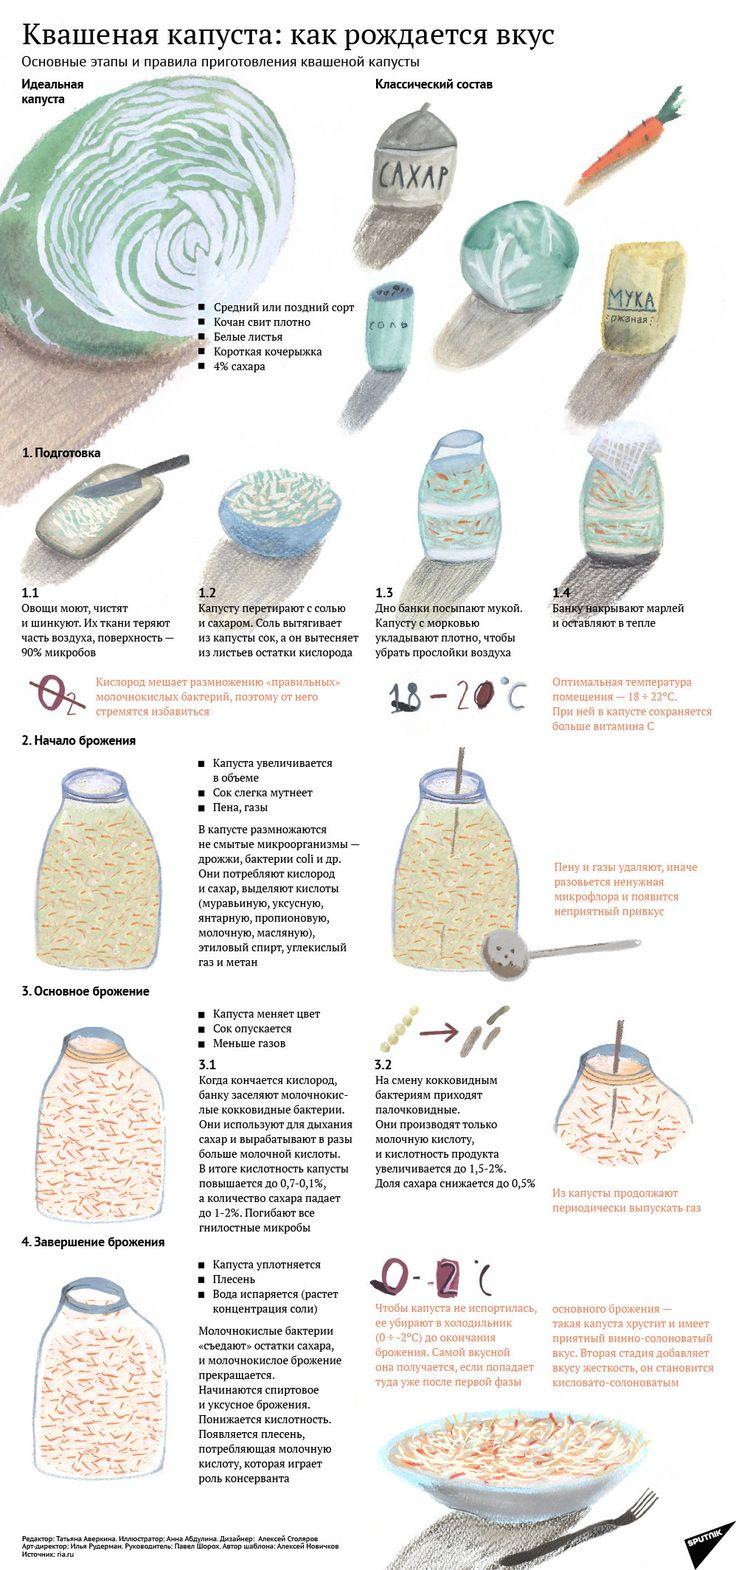 Квашеная капуста: как рождается вкус